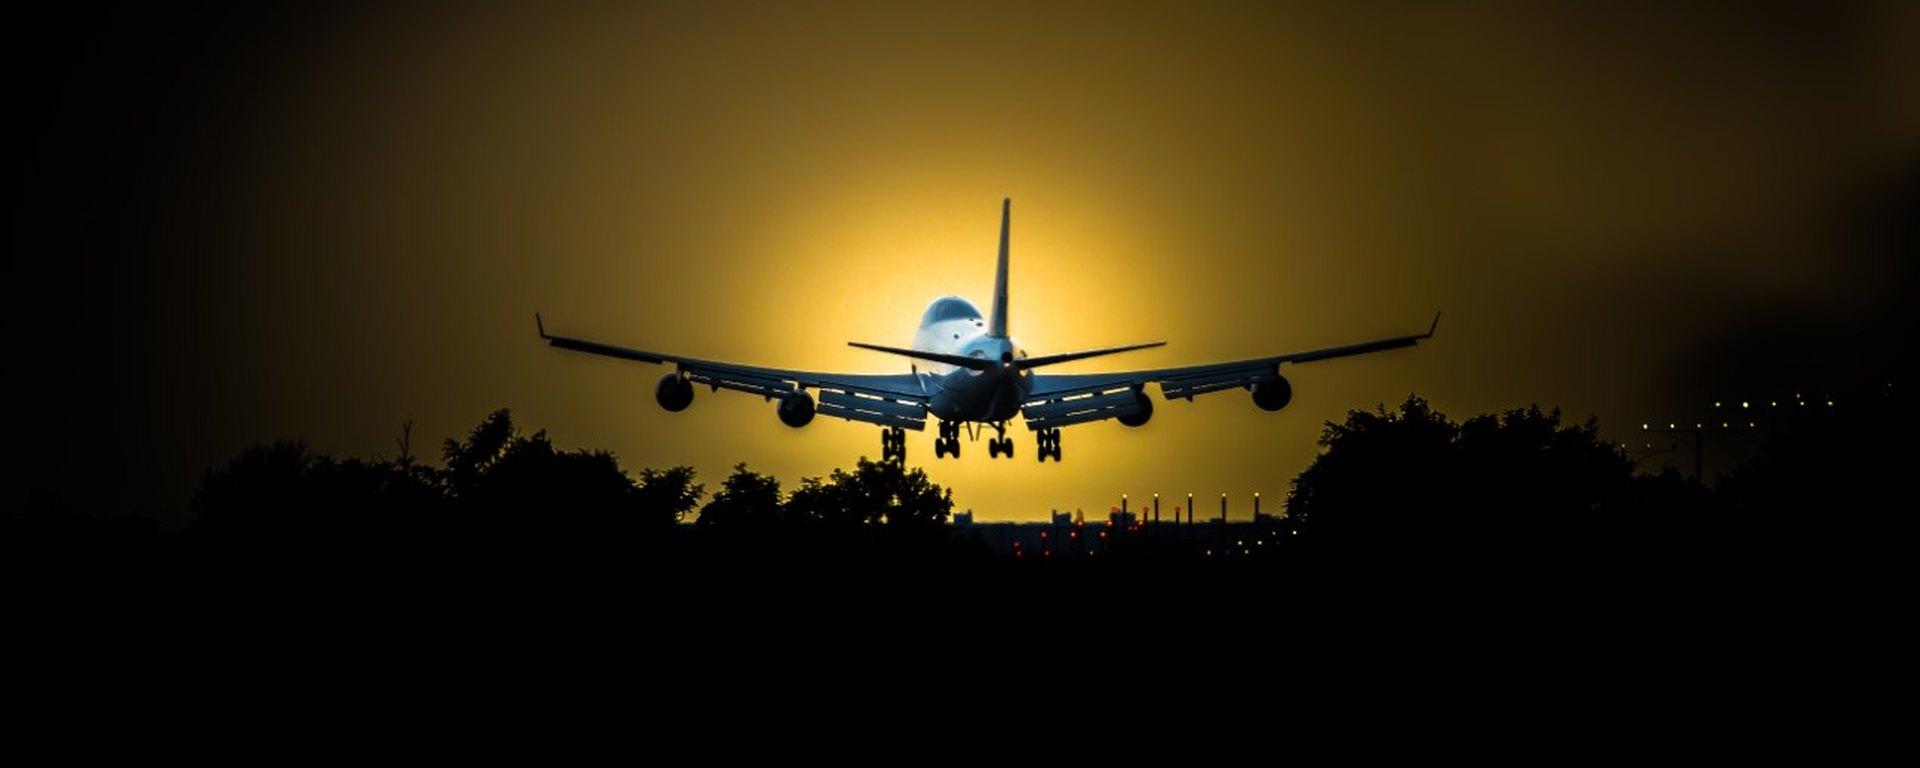 Совершен первый рейс авиакомпании Azerbaijan Airlines из Баку в Алматы